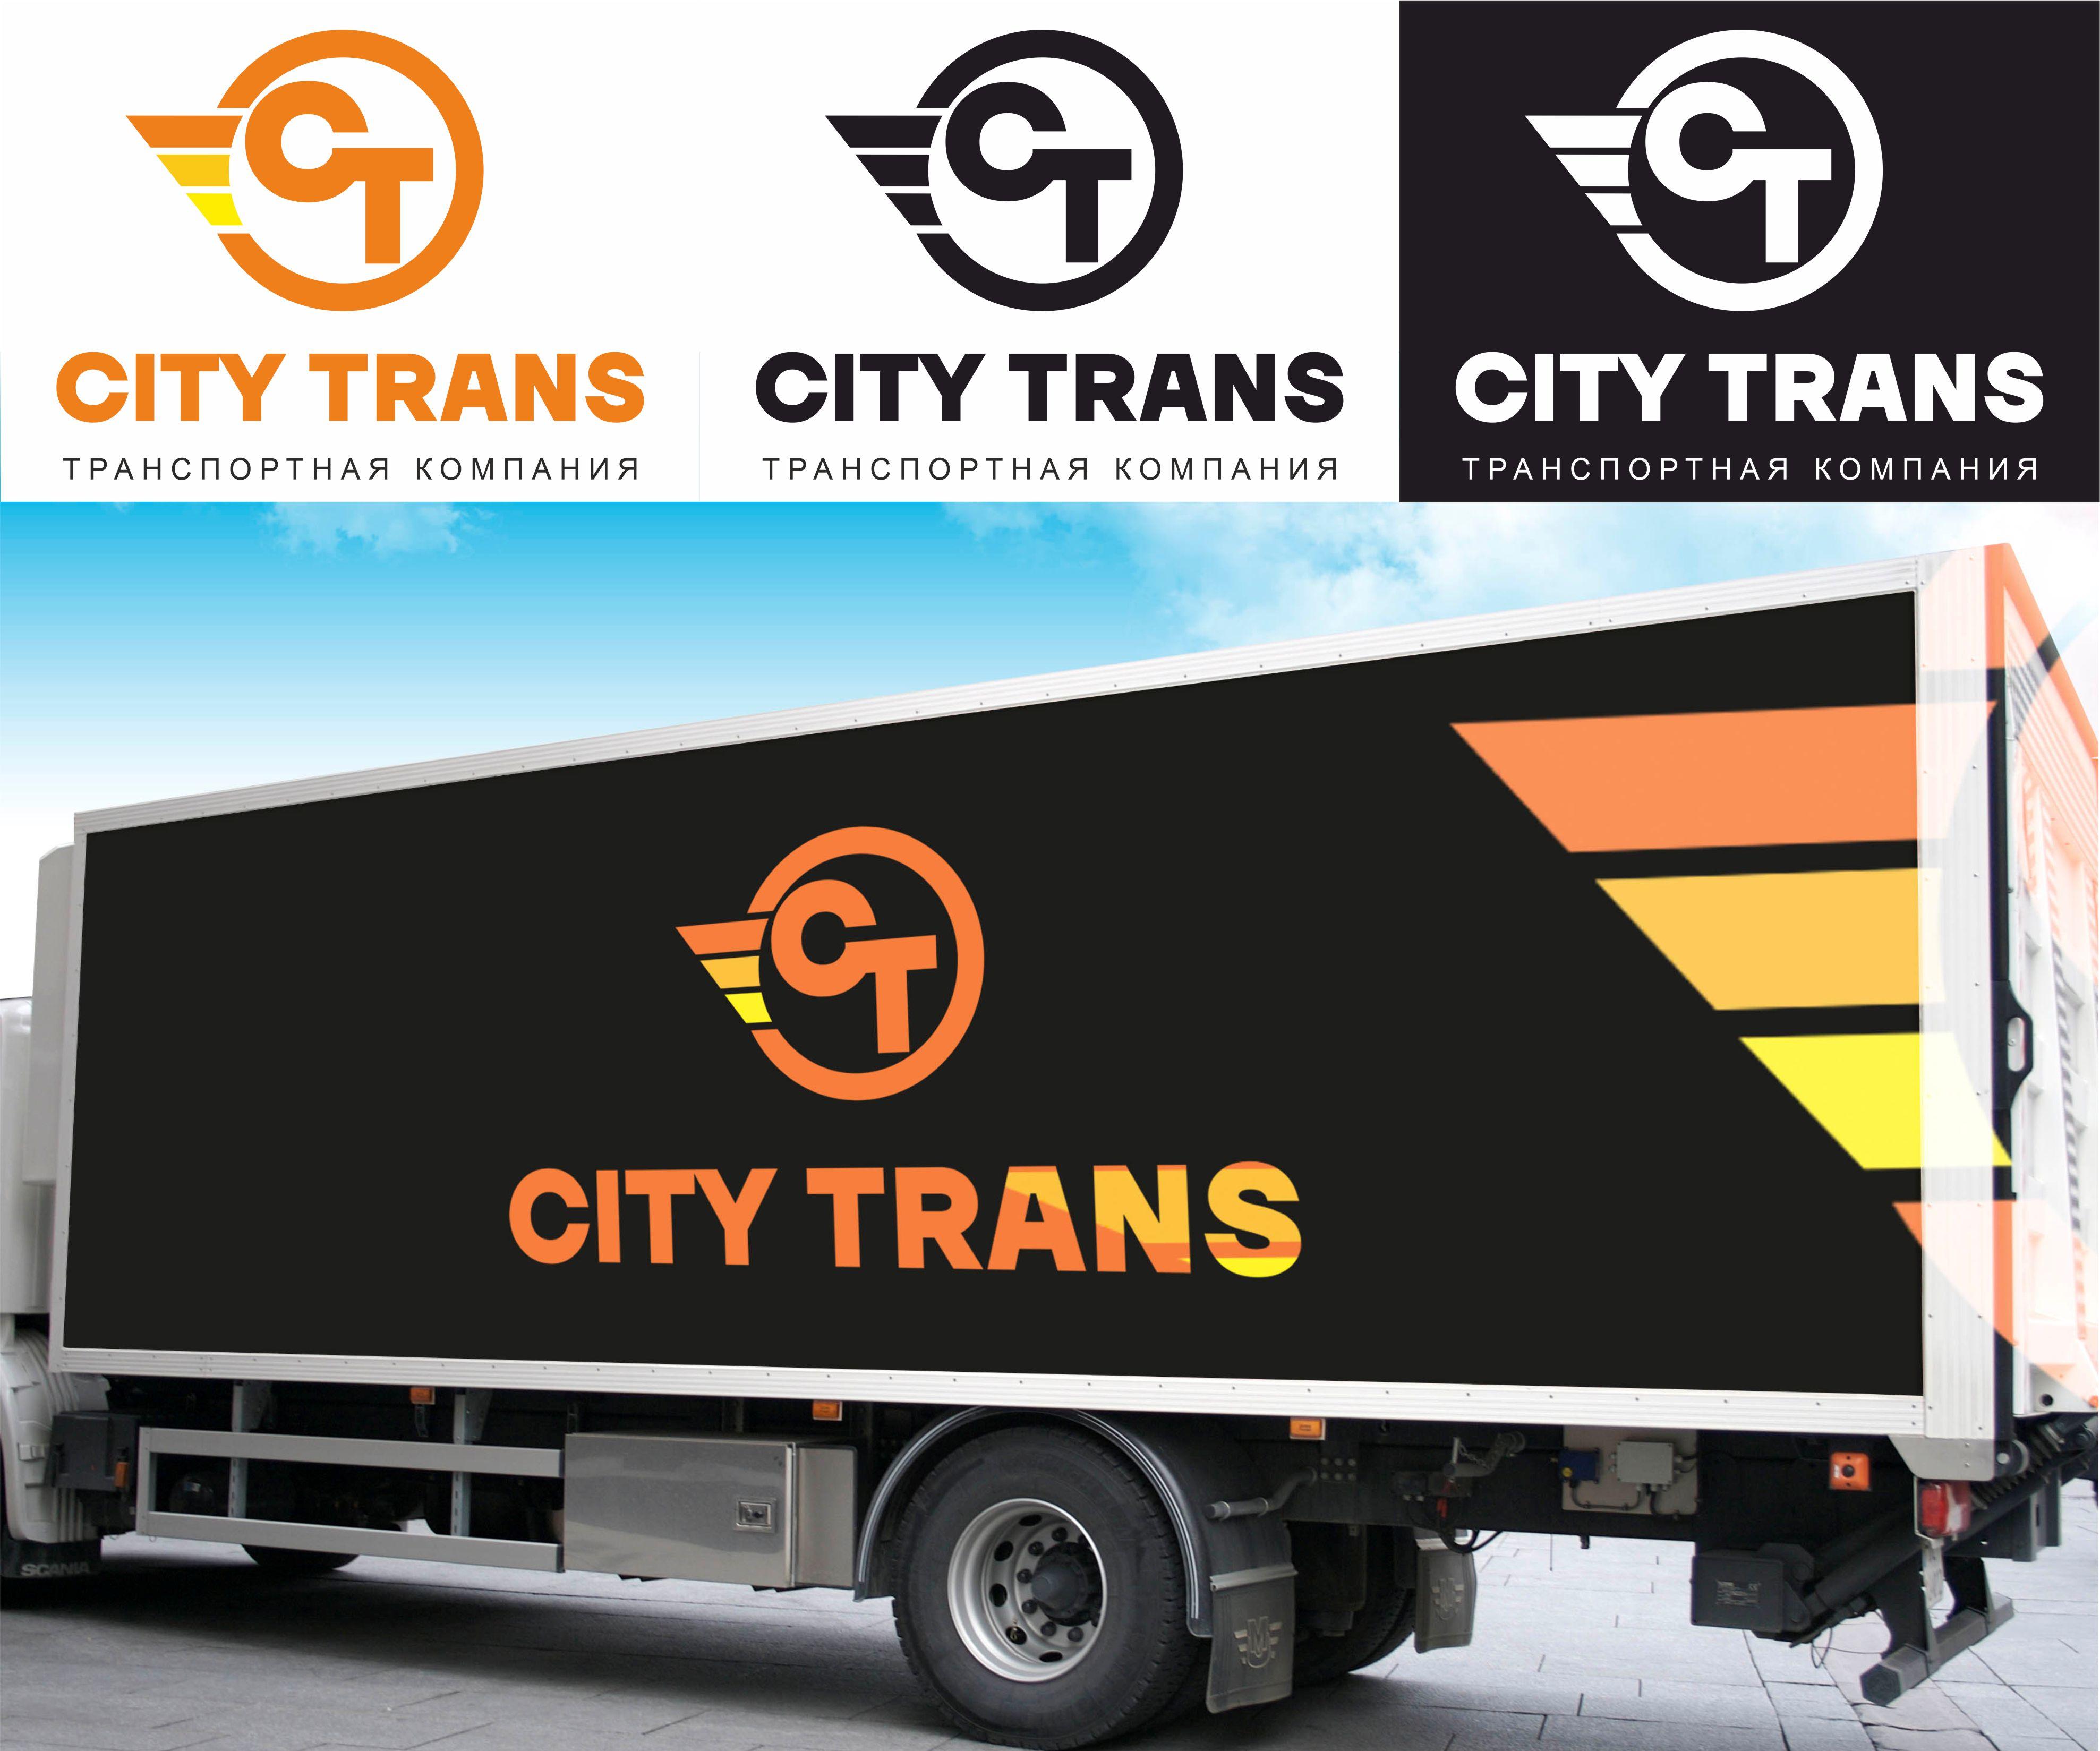 Разработка Логотипа транспортной компании фото f_5355e74d6e440758.jpg